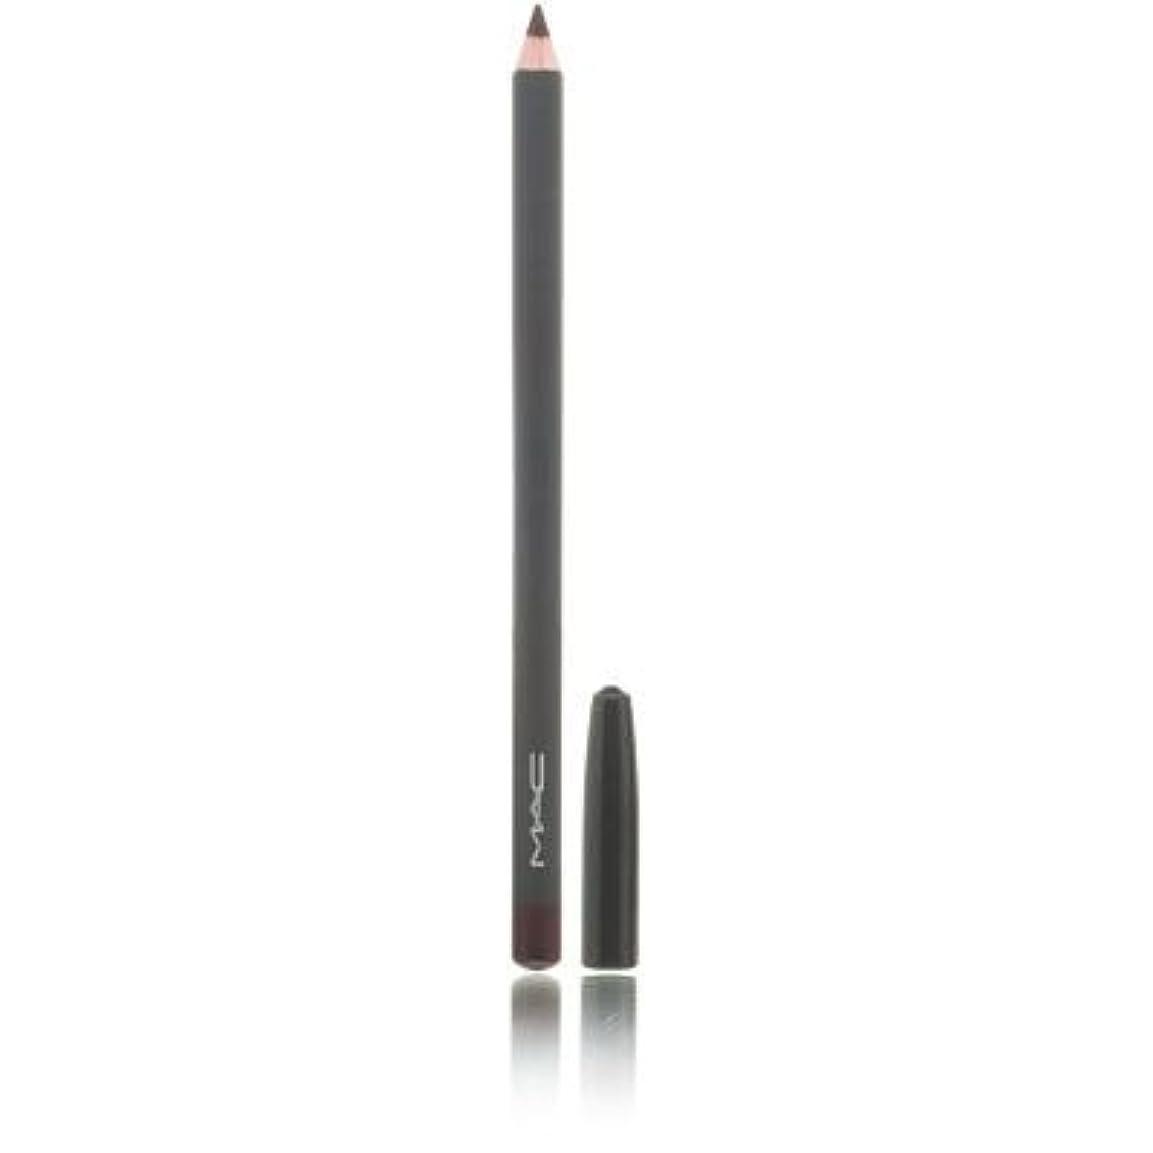 素晴らしい注釈を付ける難しいMAC リップペンシル 1.45g #NIGHTMOTH Lip Pencil 1.45g #NIGHTMOTH